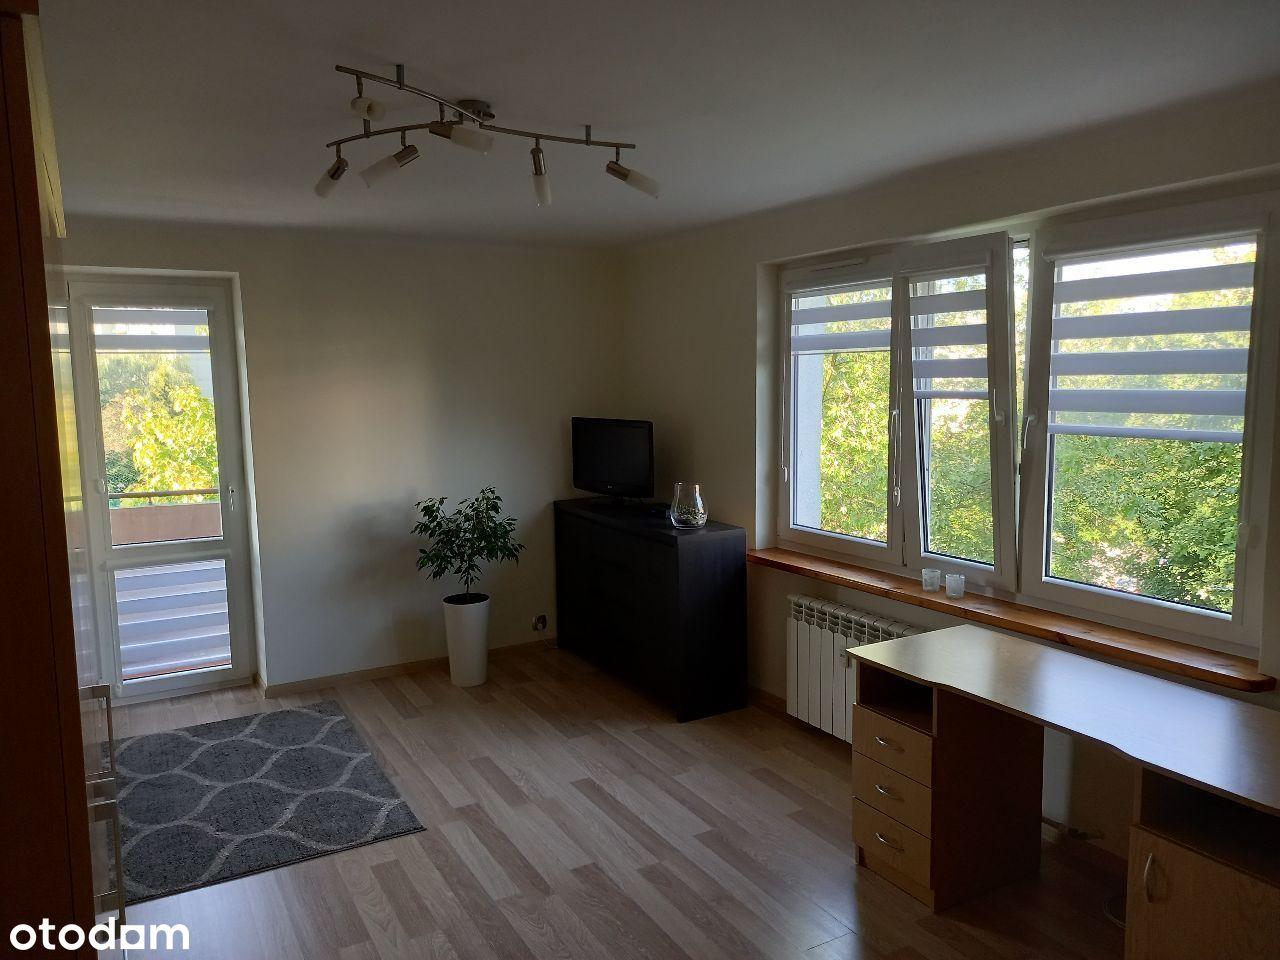 Mieszkanie po remoncie 38m2 KSM BEZ POŚREDNIKÓW!